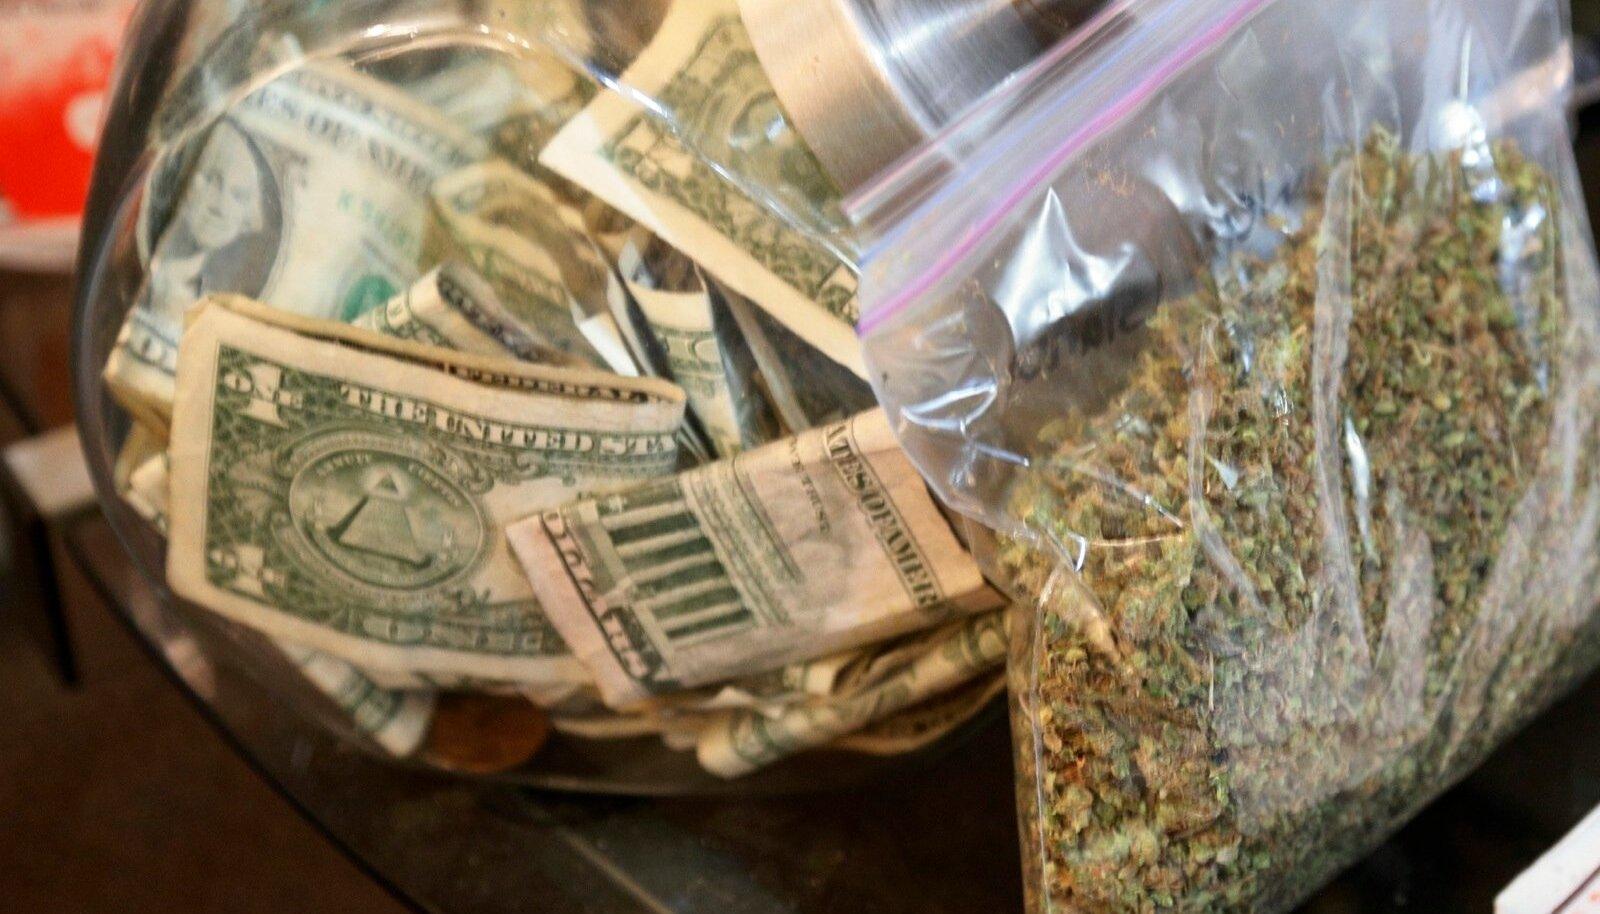 Colorado on teeninud kanepi müügist üle 50 miljoni dollari.